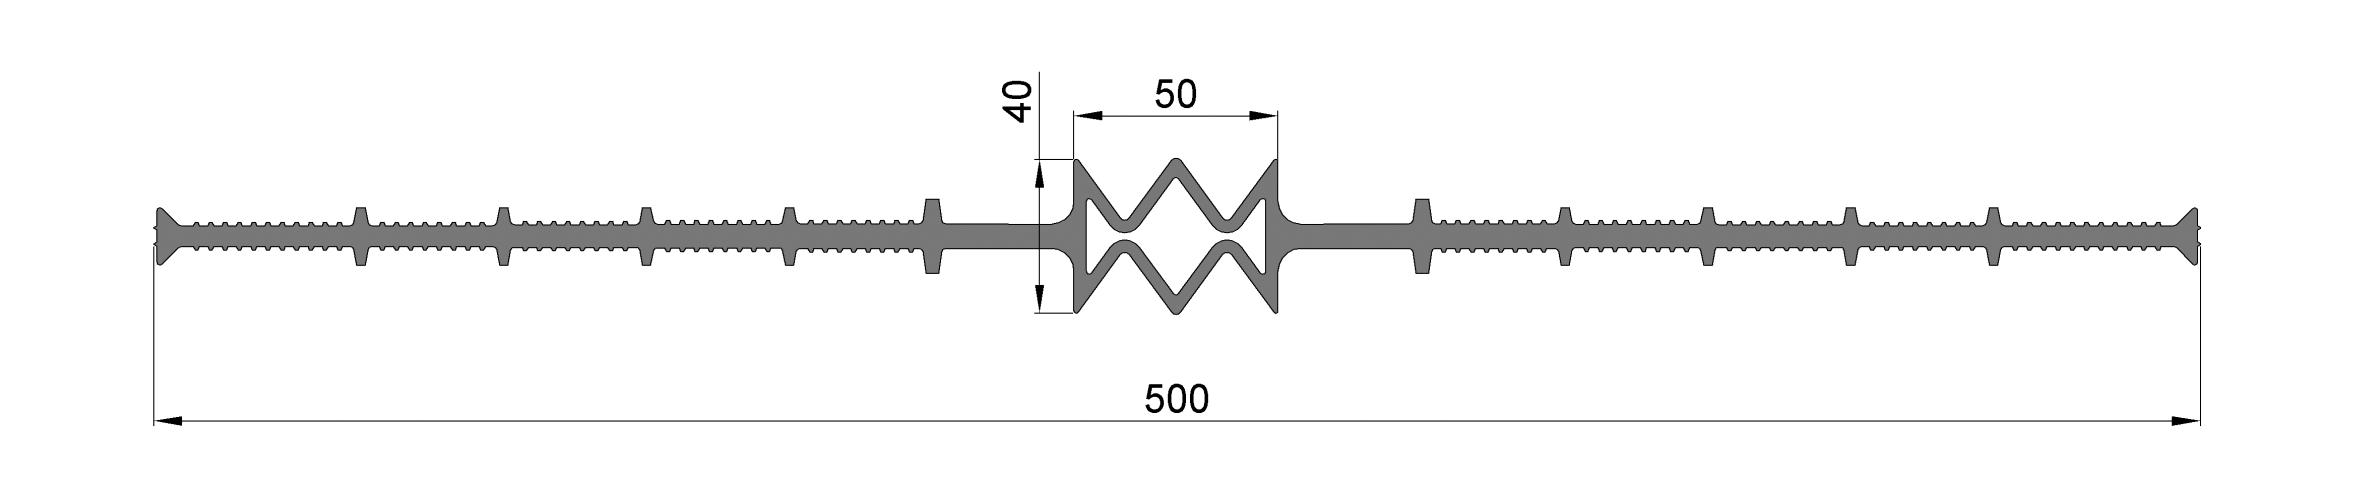 Гидрошпонка ЦД-500-50, ПВХ, шов 50 мм